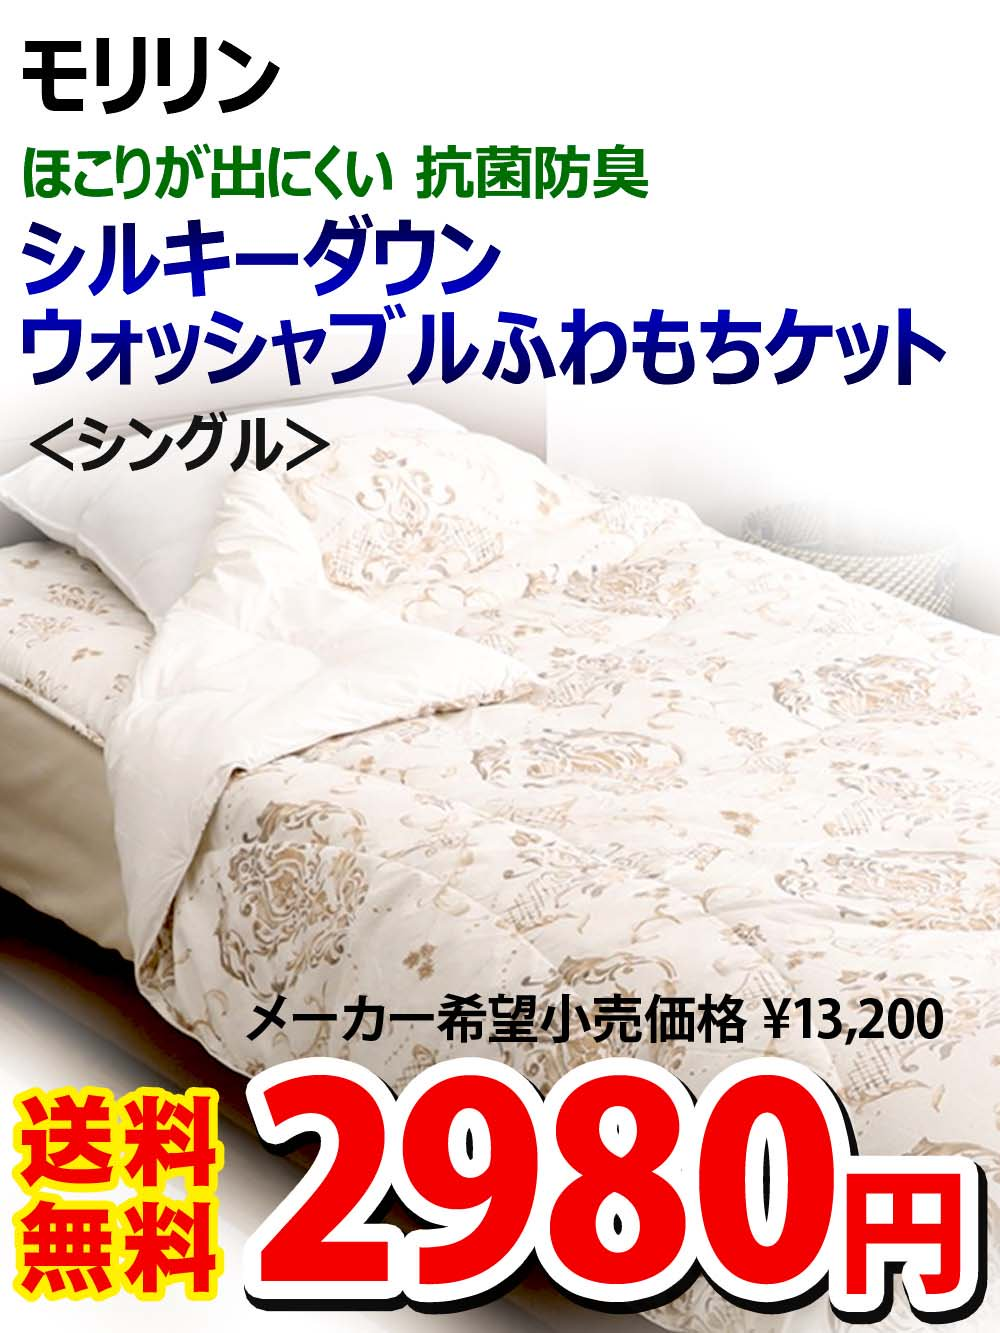 【送料無料】モリリン シルキーダウン もちもちダウンケット 防ダニ シングル【2980円】